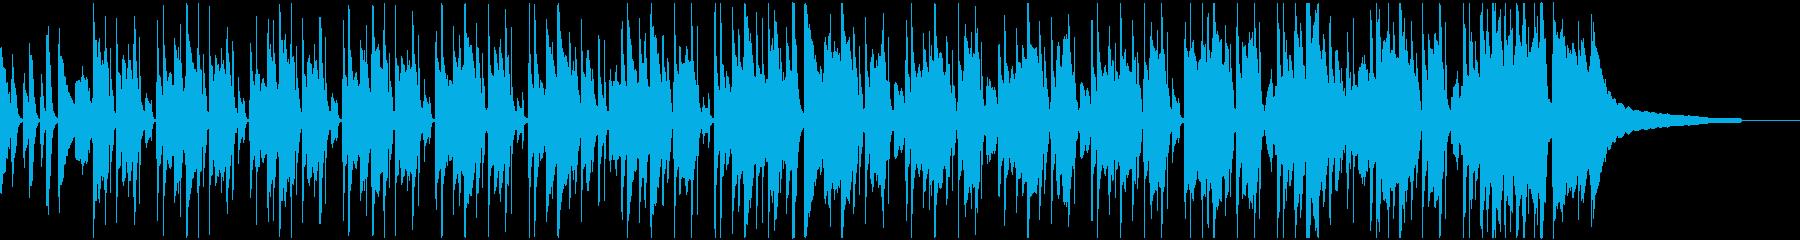 情緒あふれる、しなやかなボサノバの再生済みの波形